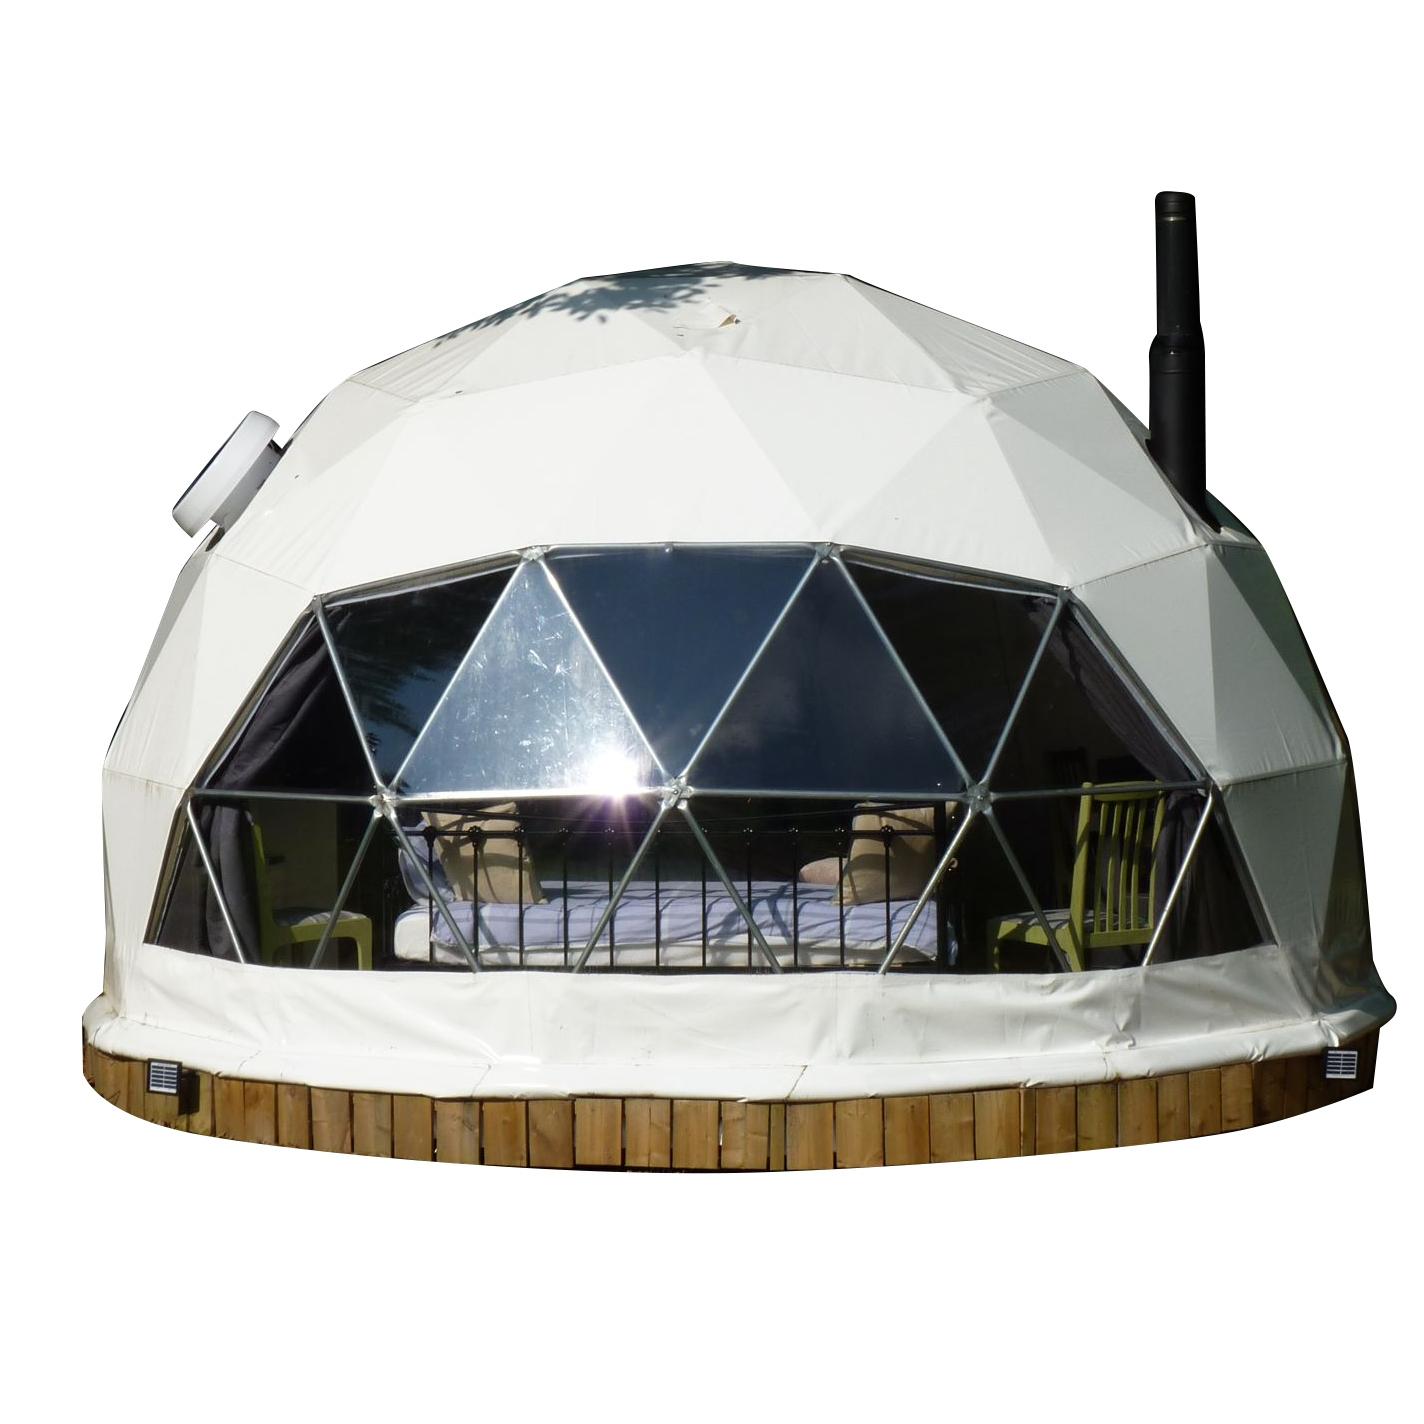 Căn nhà lắp ghép composite mái vòm